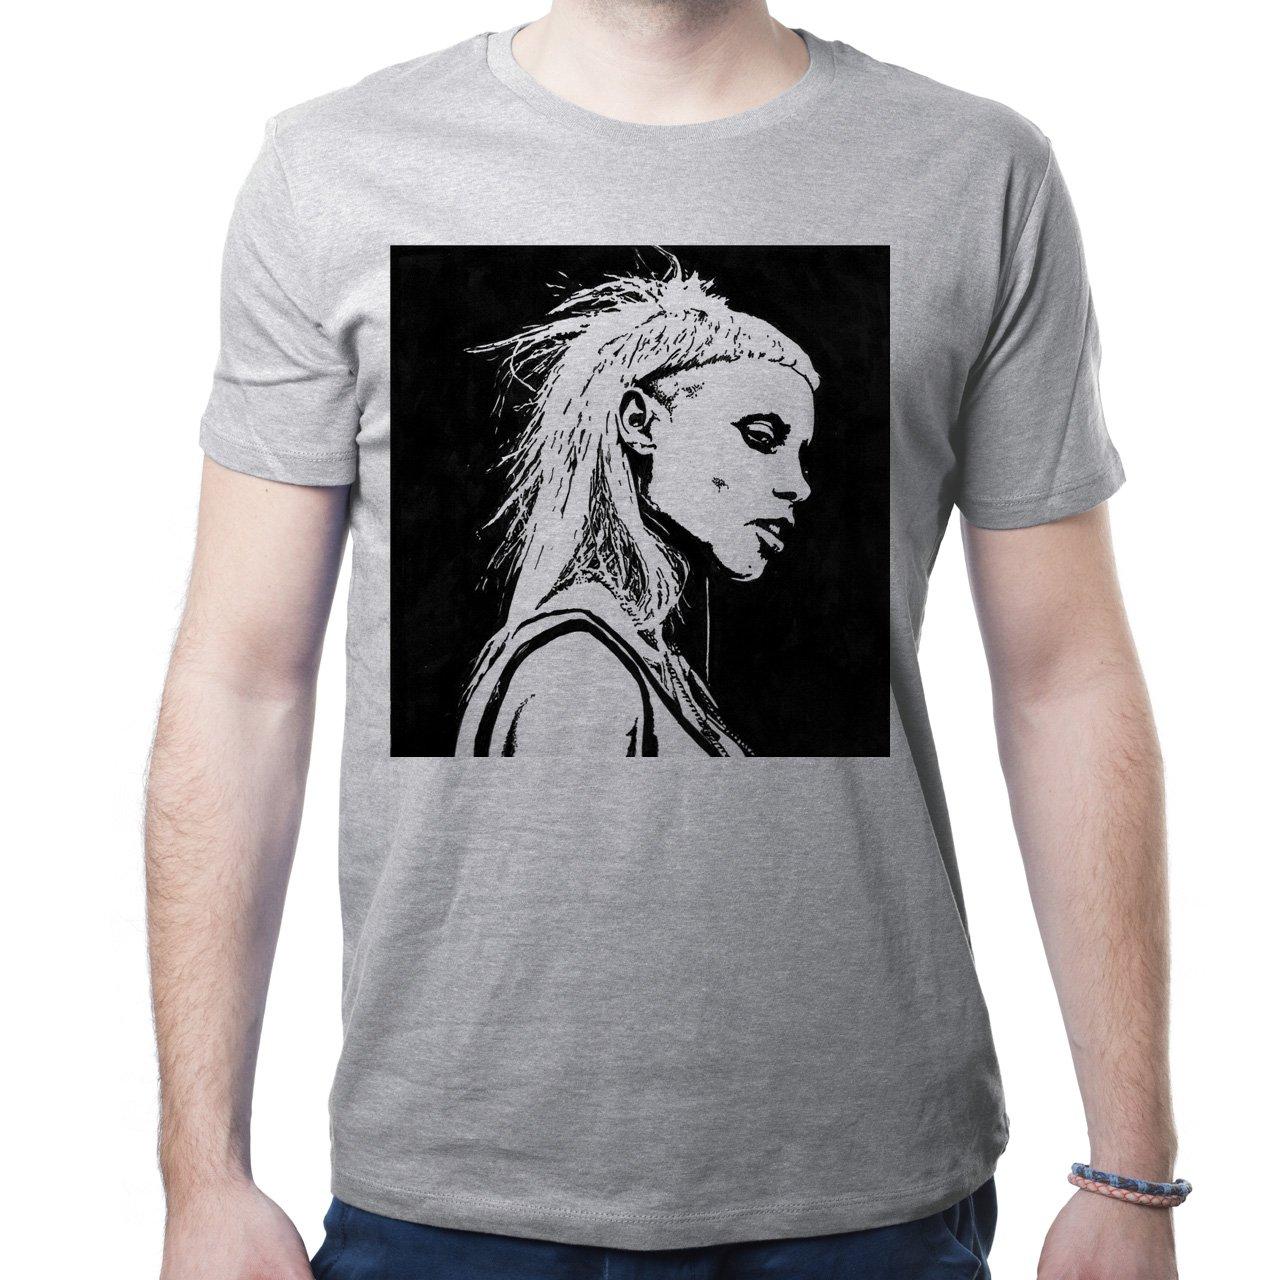 Die Antwoord Ninja Yolandi Visser Black White Illustration ...